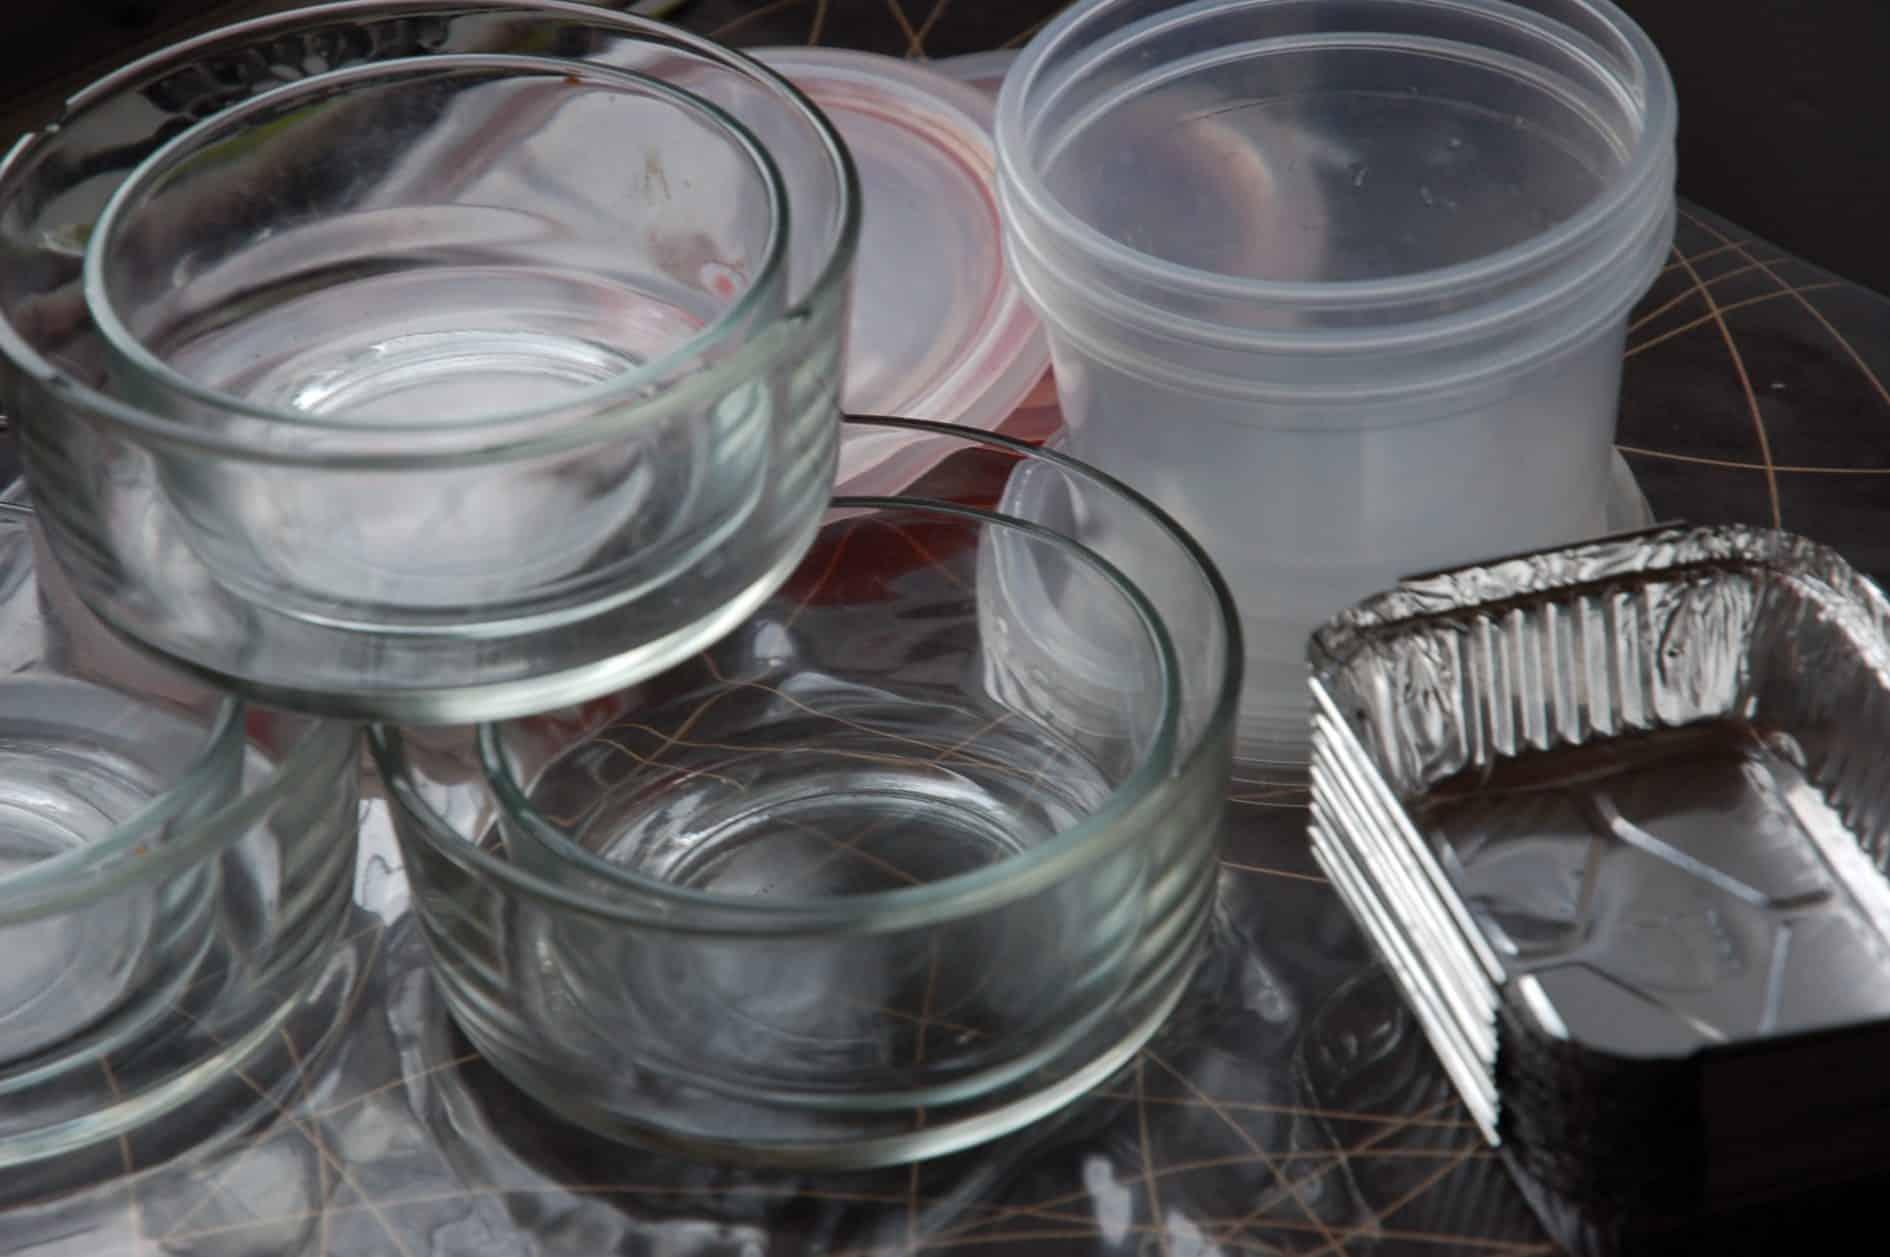 Embalagens para congelar refeições